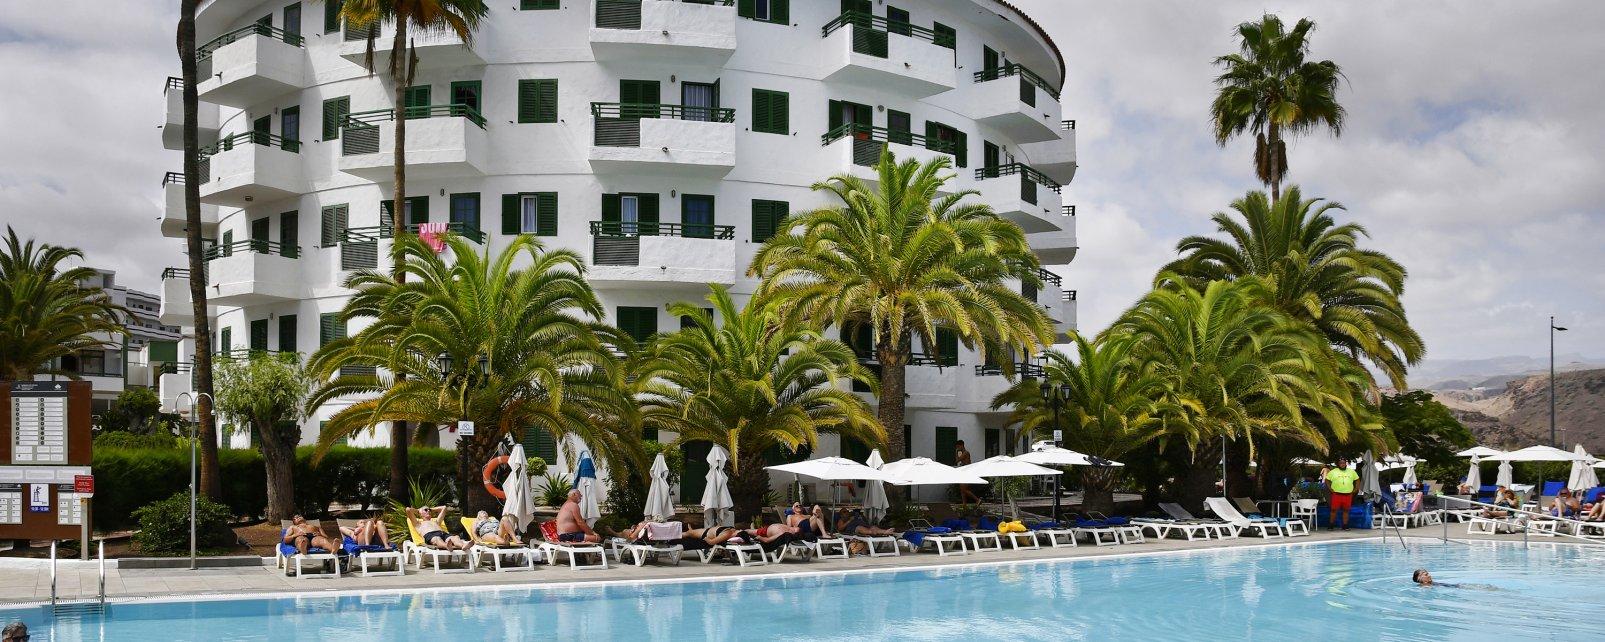 Hôtel Labranda Playa Bonita